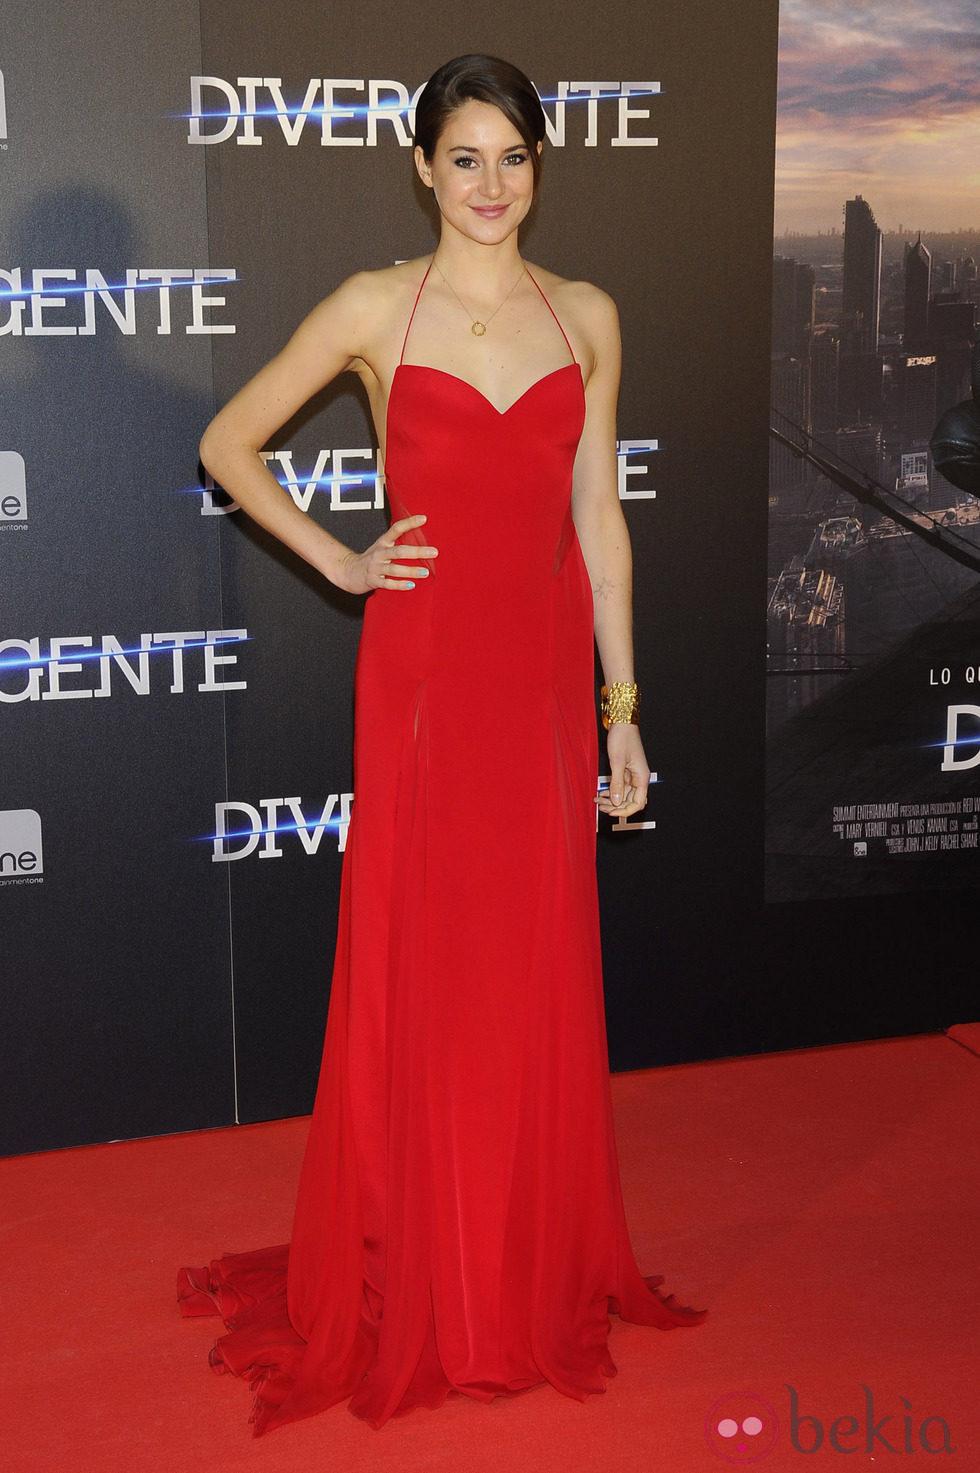 Shailene Woodley en el estreno de 'Divergente' en Madrid